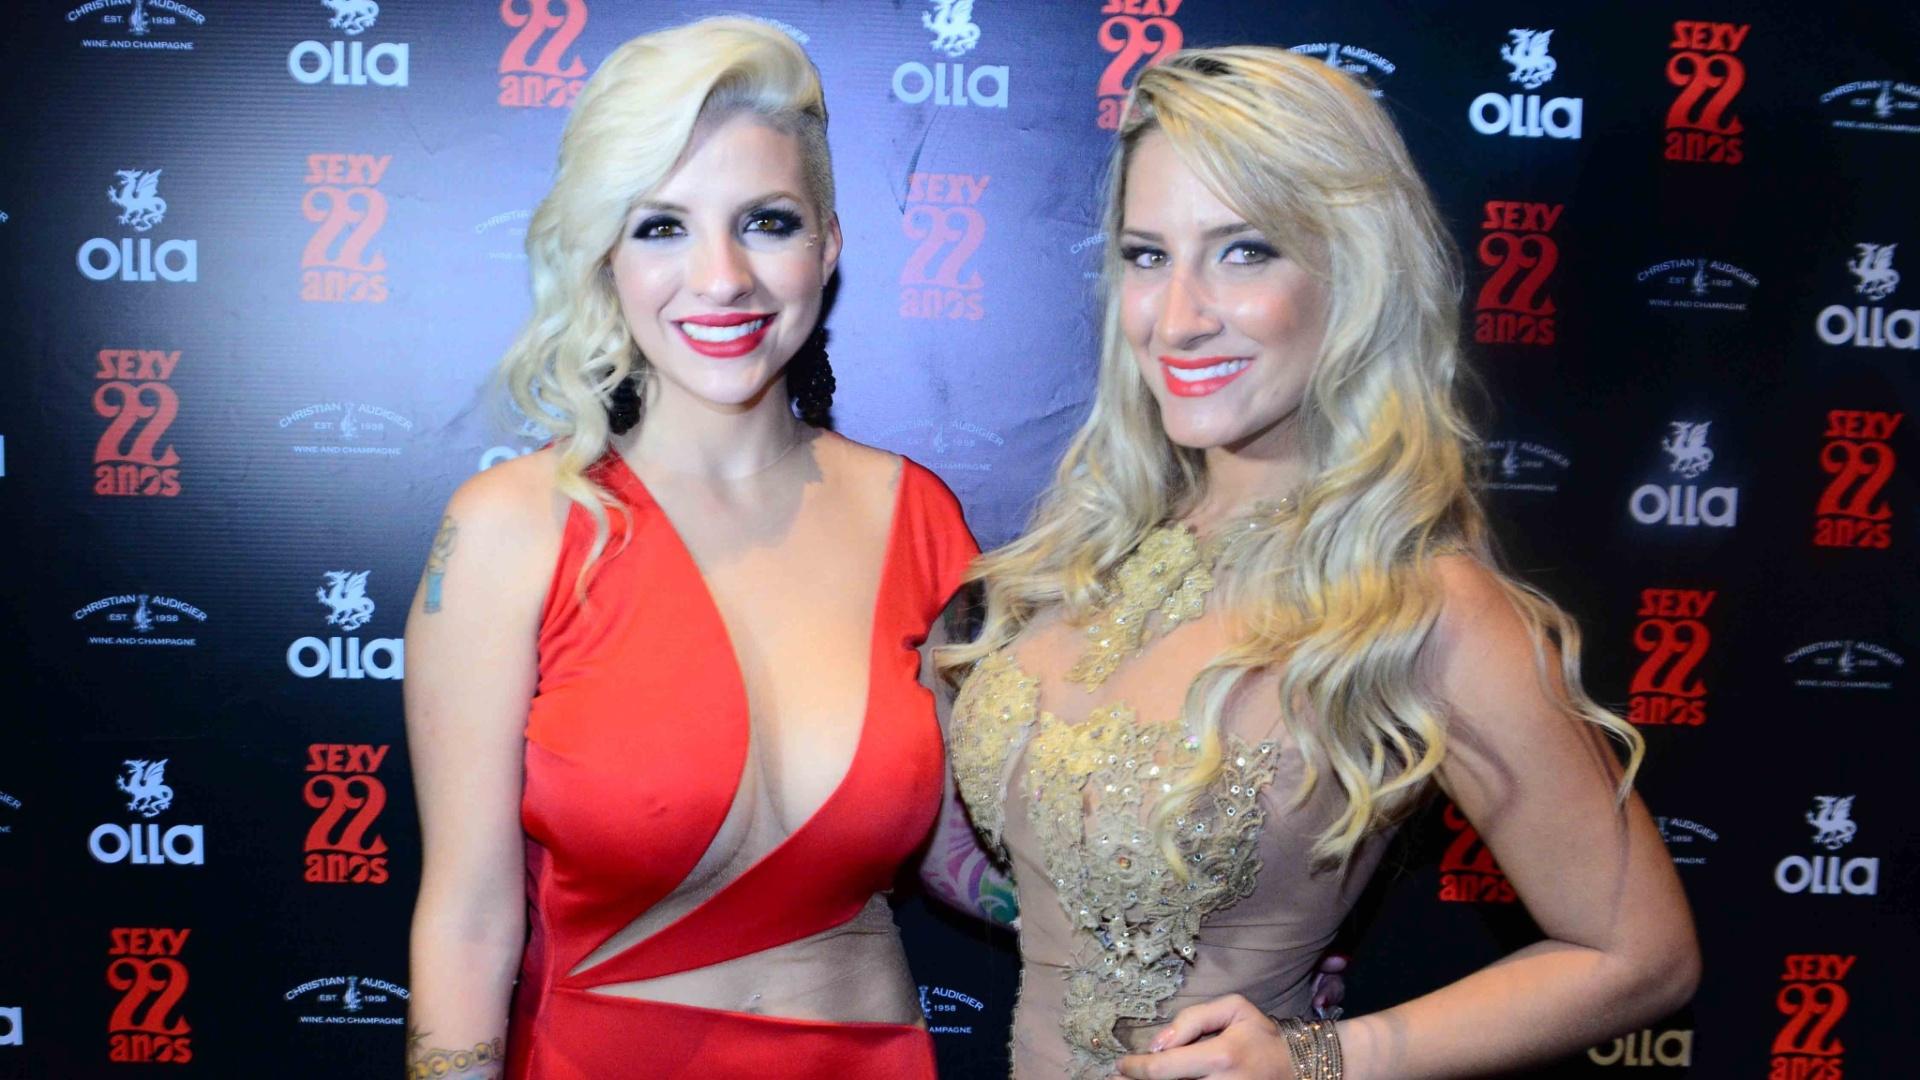 4.nov.2014 - A ex-BBB Clara Aguilar posa ao lado da modelo Jaque Jatai no lançamento de seu ensaio nu para a edição de aniversário da revista Sexy, nesta terça-feira, em uma casa noturna de São Paulo